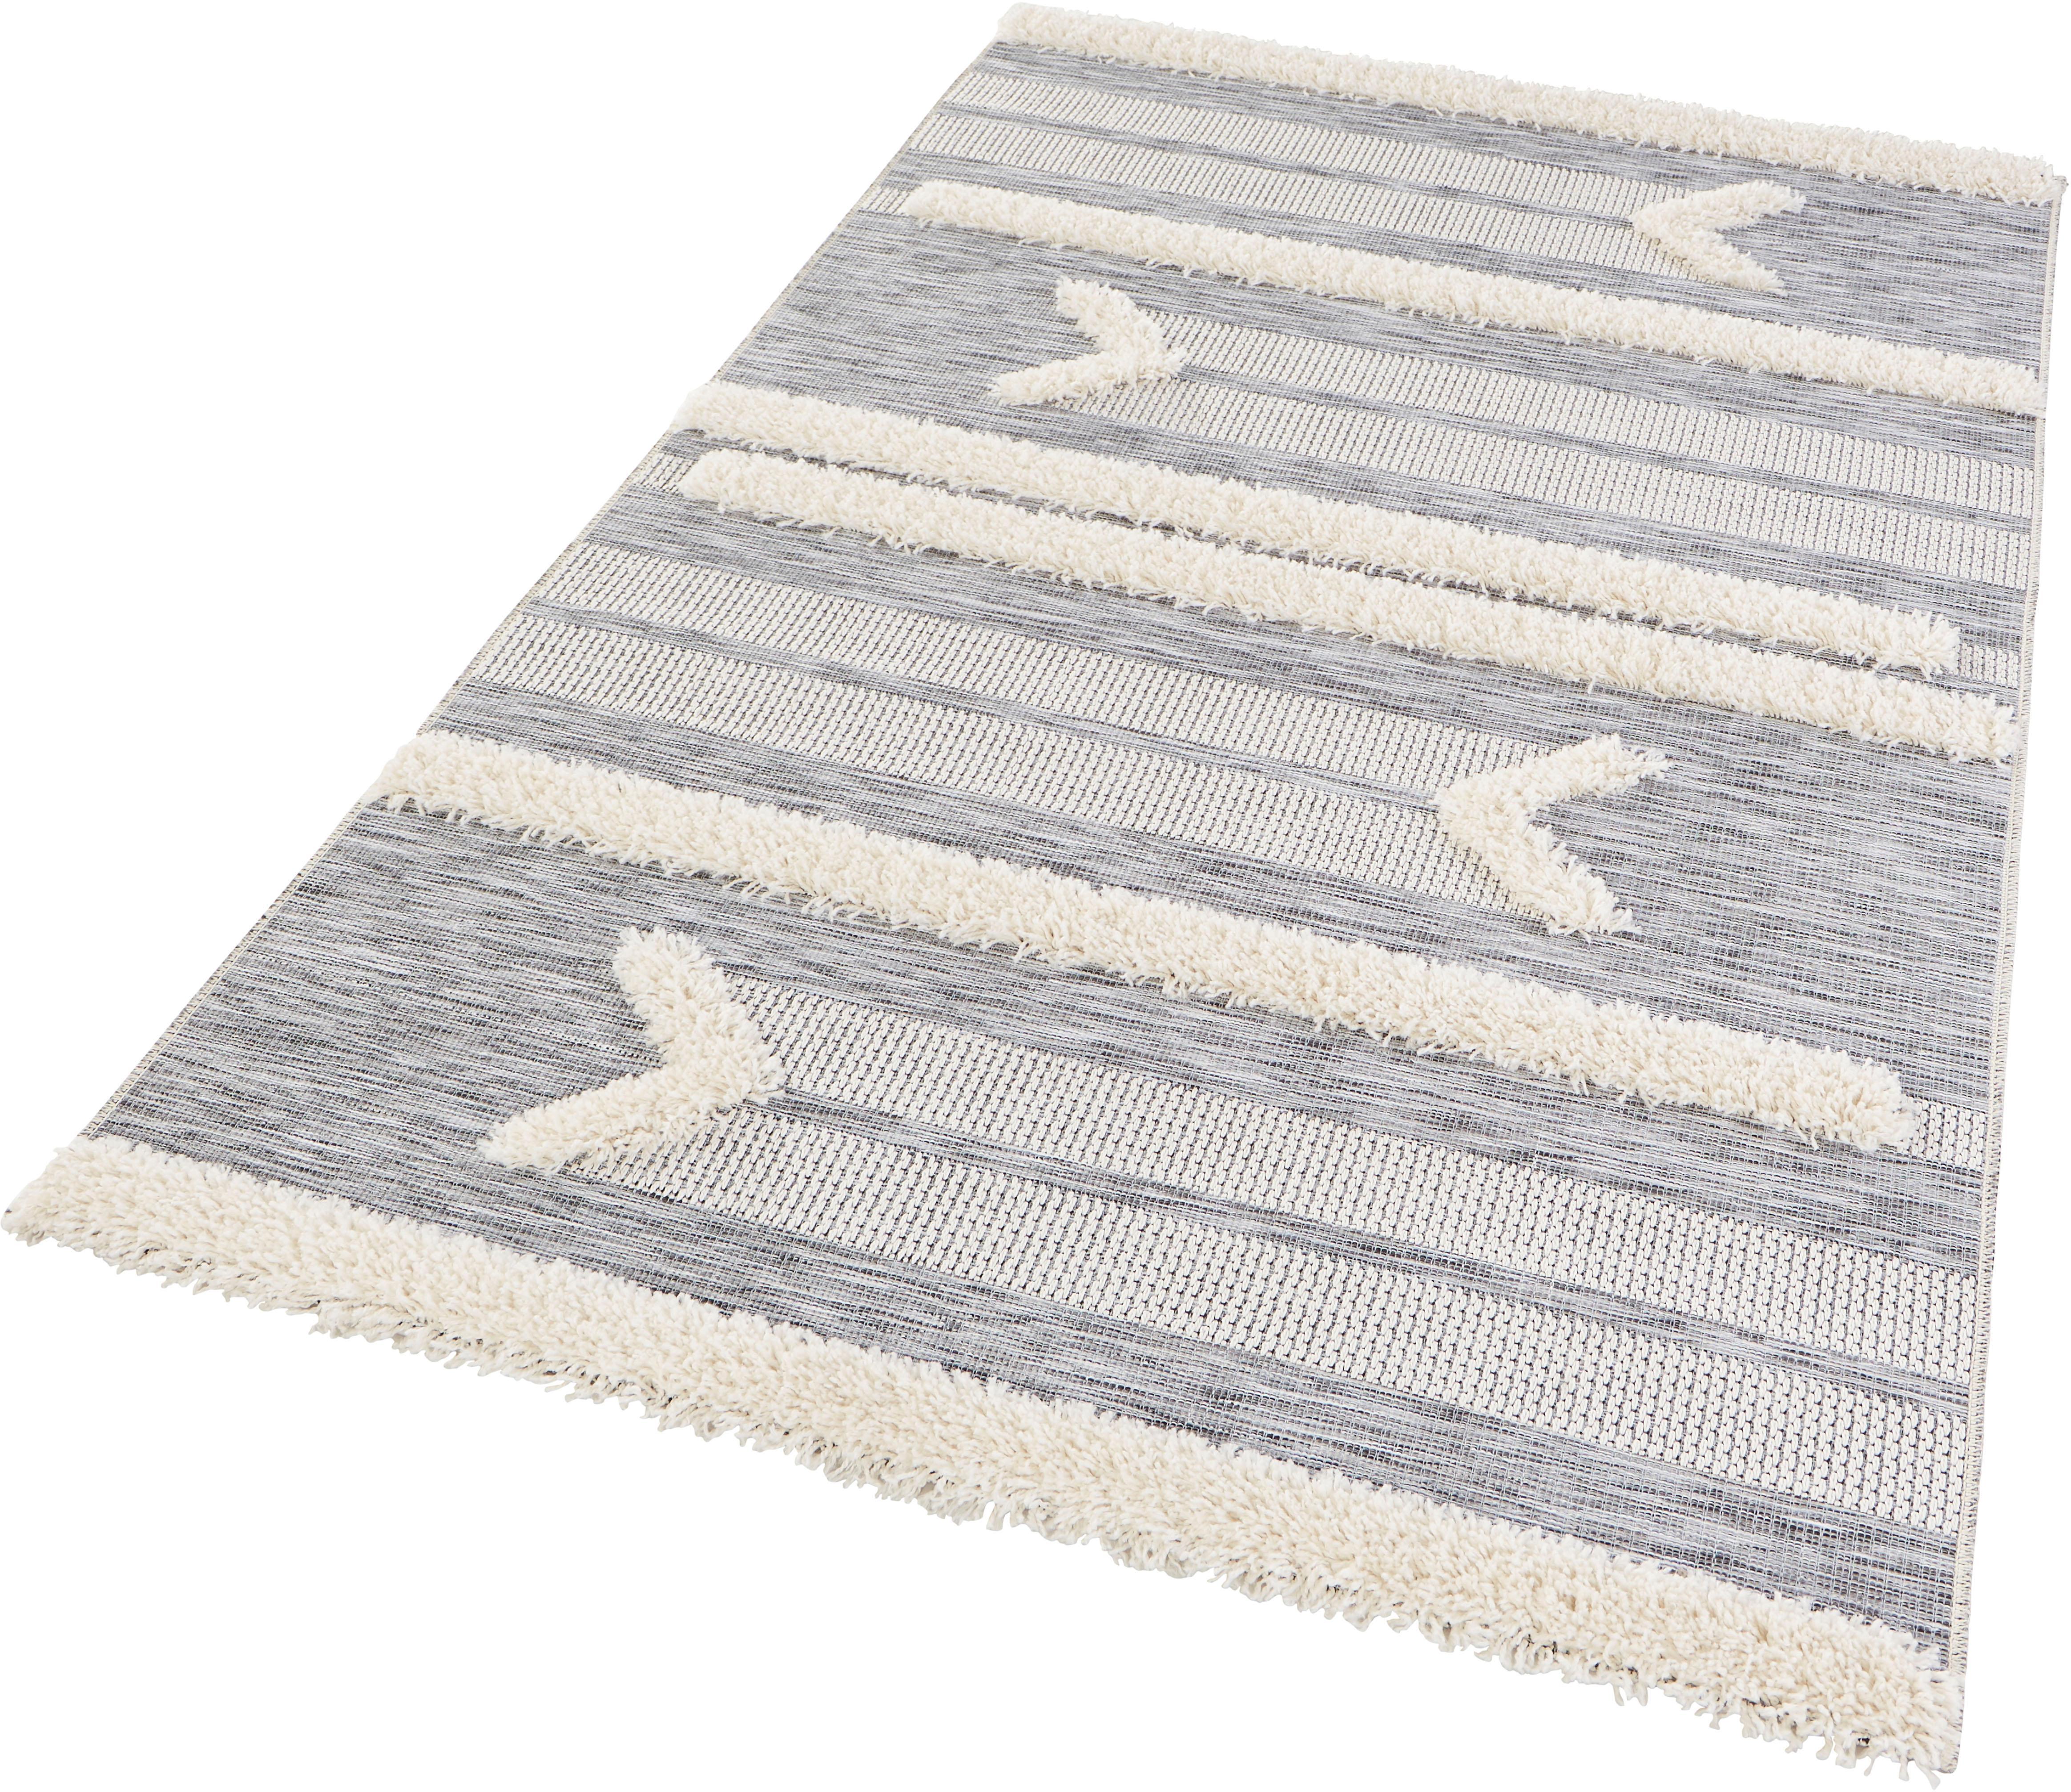 Teppich, »Kantina«, MINT RUGS, rechteckig, Höhe 35 mm, maschinell gewebt   Heimtextilien > Teppiche > Sonstige-Teppiche   MINT RUGS